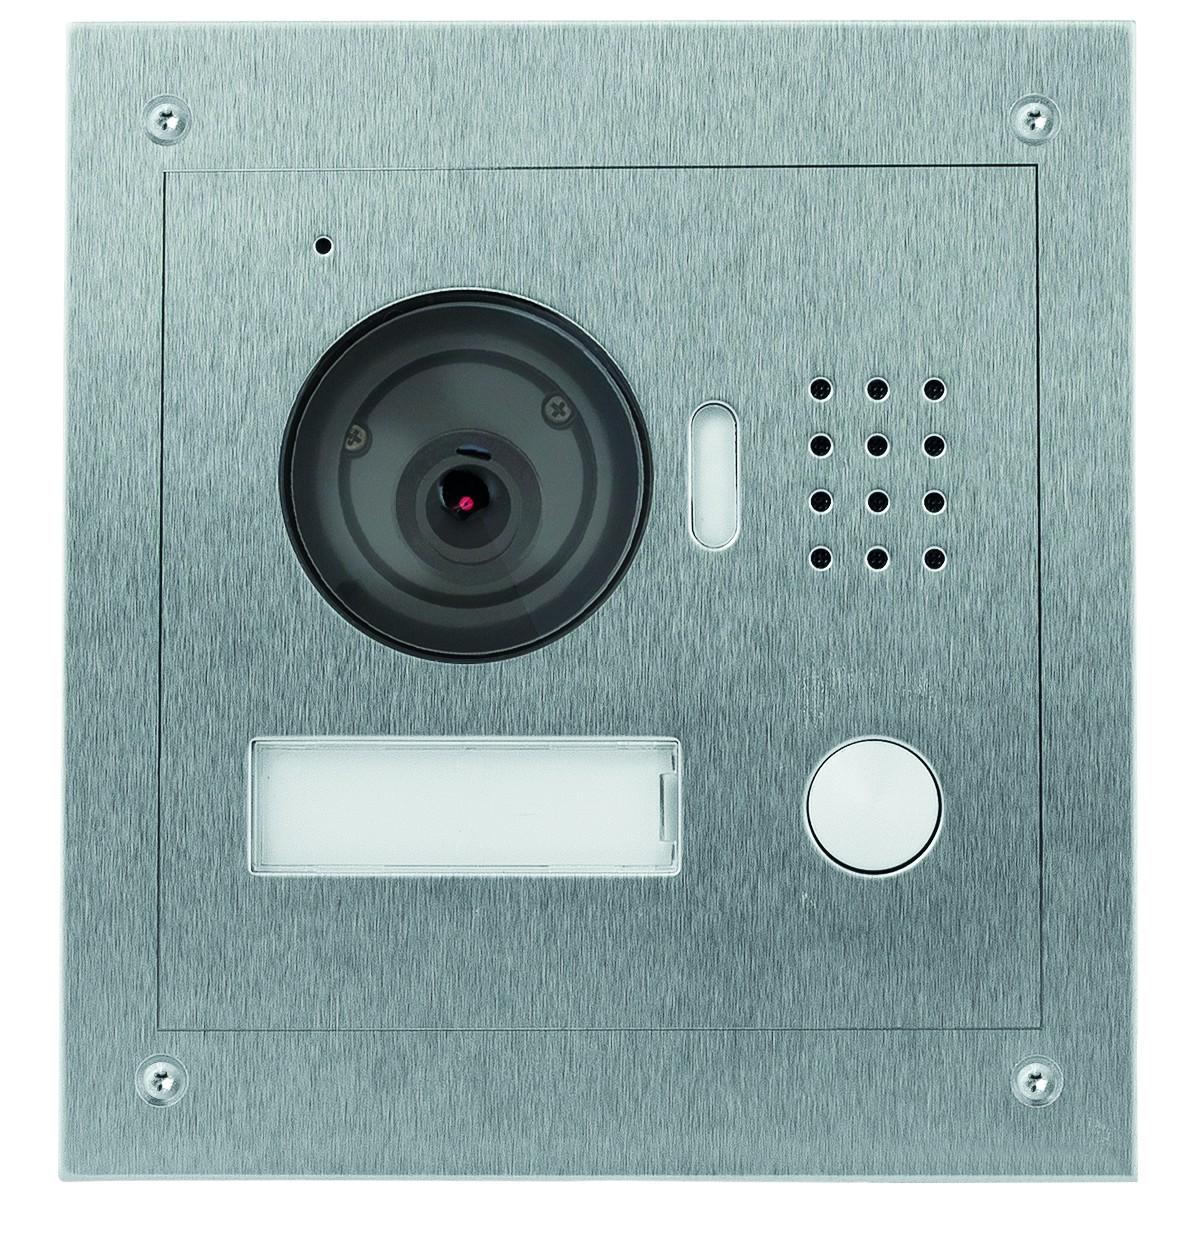 TURM IP Video Türsprechanlage Außenstation für Einfamilienhaus mit 1.3 Megapixel und 120° Blickwinke